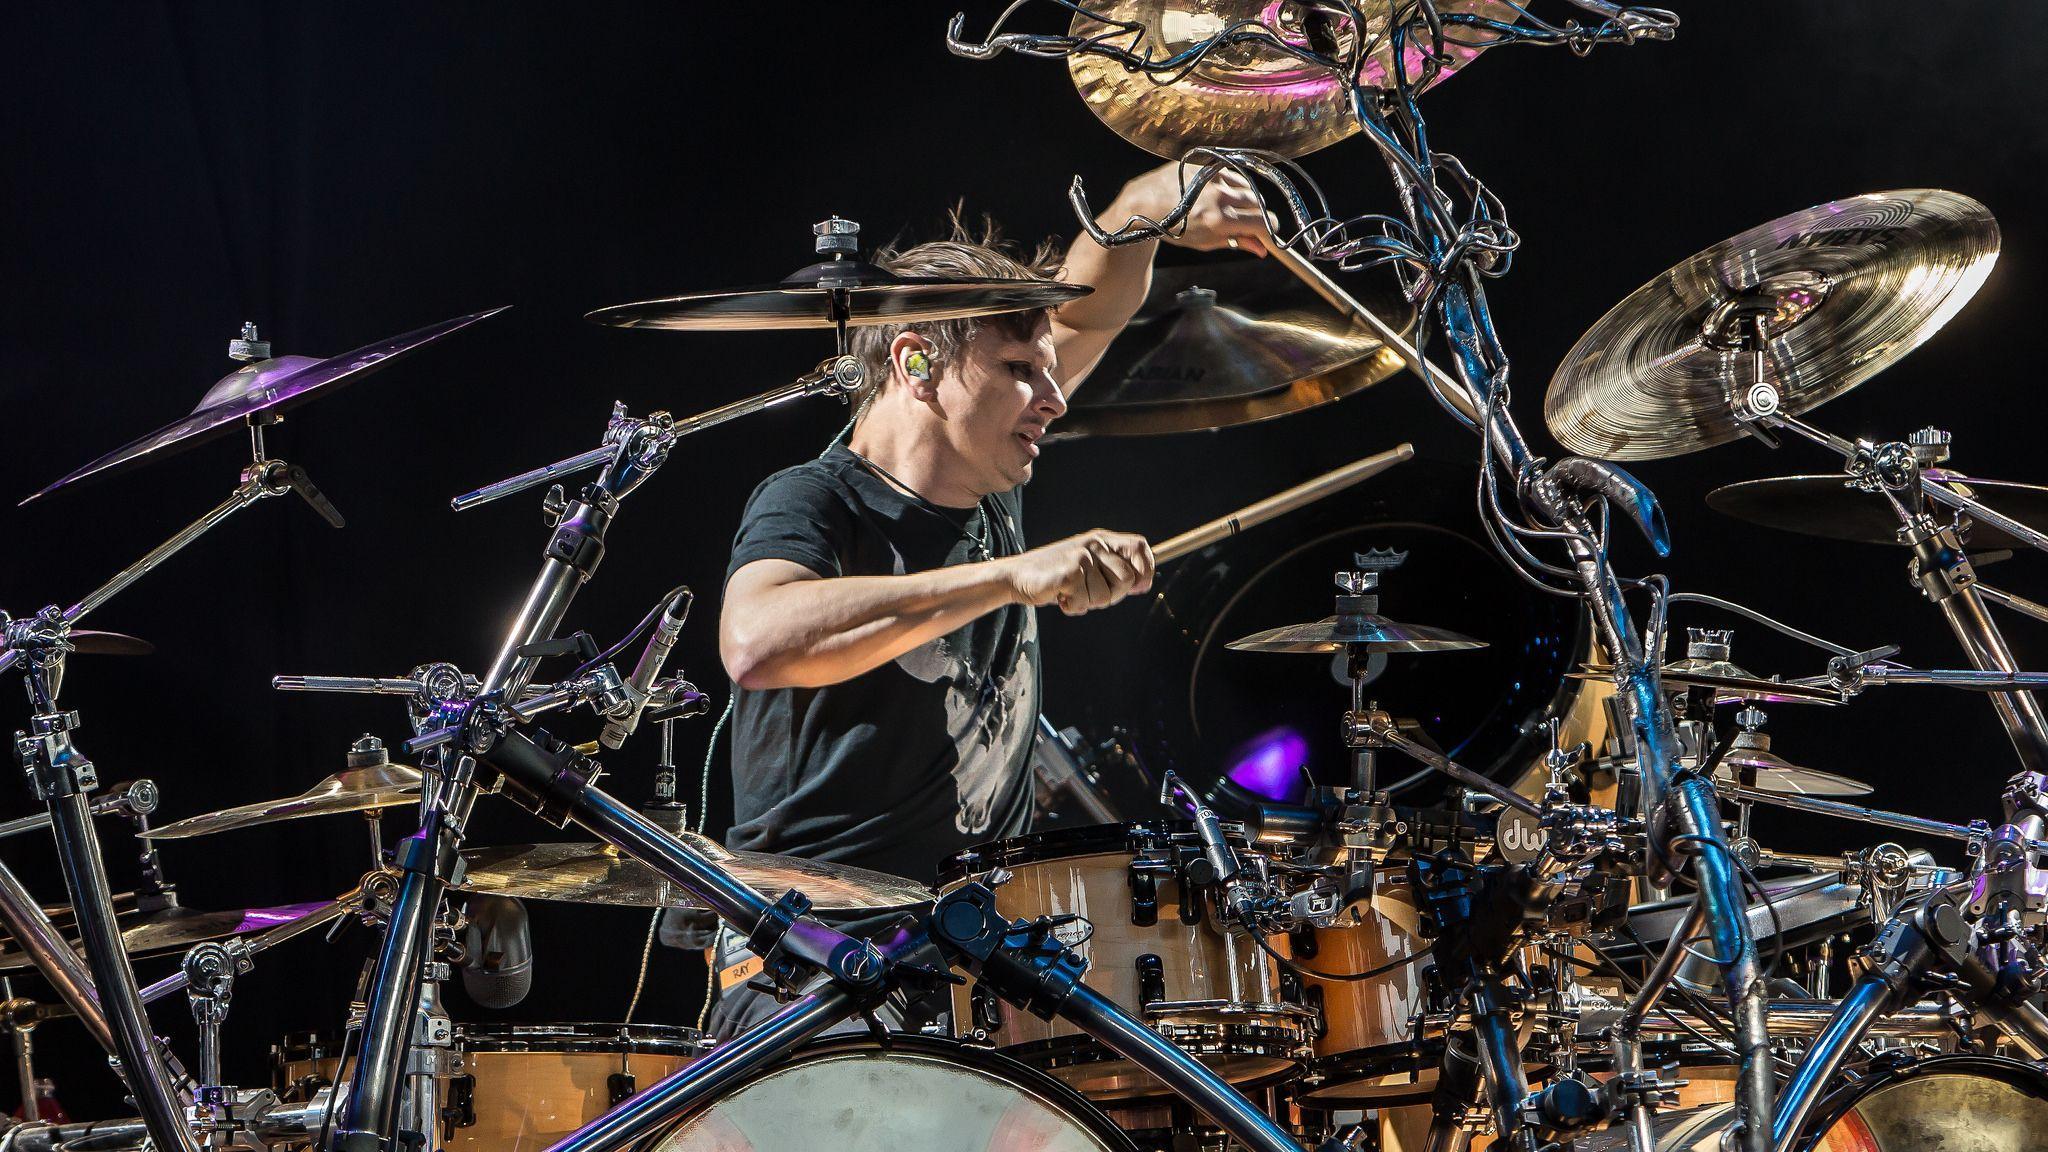 Координация рук: как барабанщики помогли изучить мозг